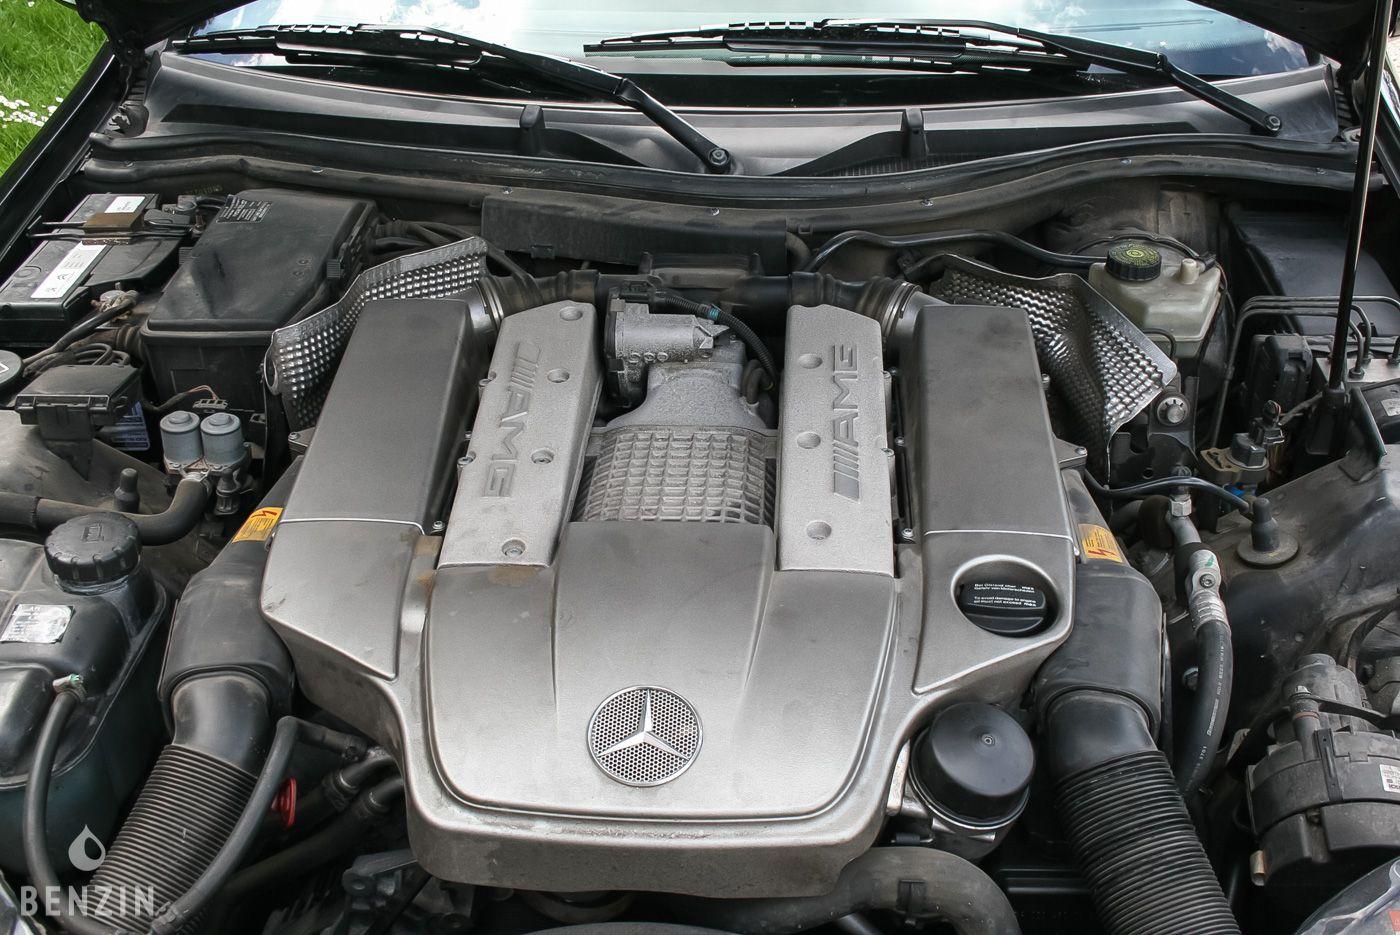 Mercedes-Benz SLK 32 AMG a vendre/ Mercedes-benz SLK 32AMG to sell/ Mercedes-Benz SLK 32 AMG verkaufen/ Mercedes6Benz SLK 32 AMG en venta